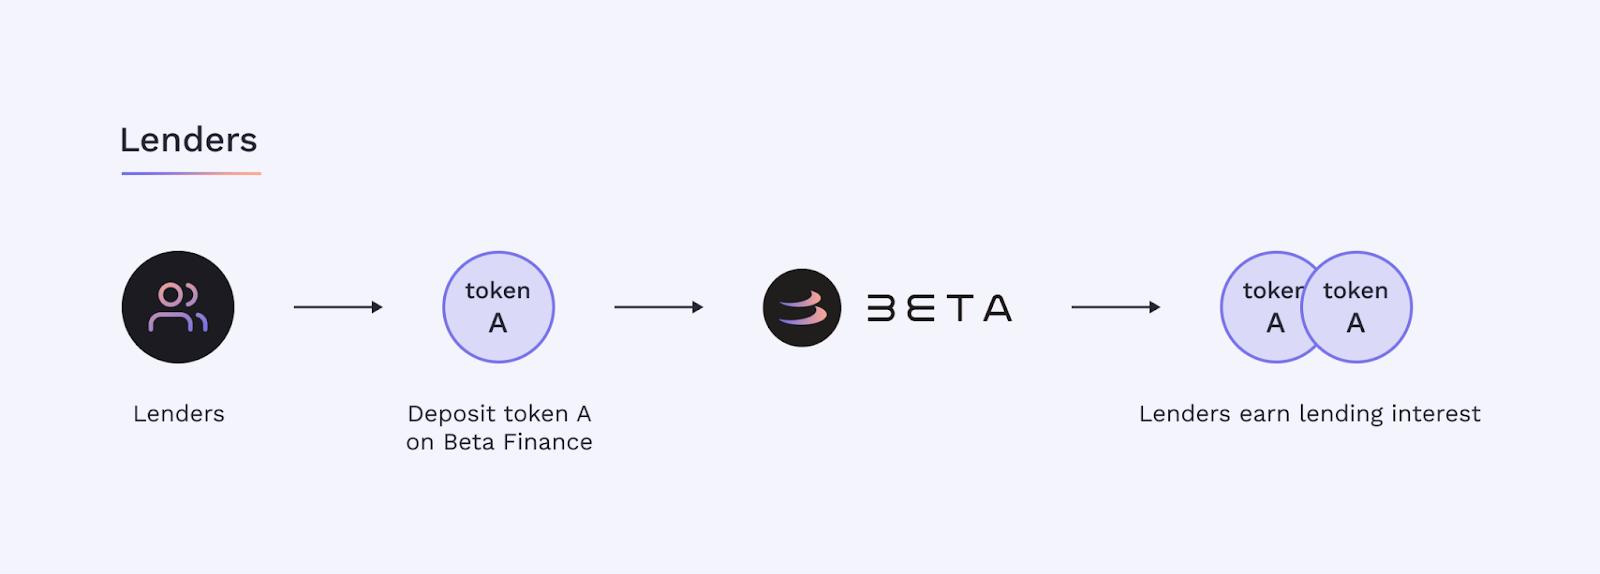 beta-lending